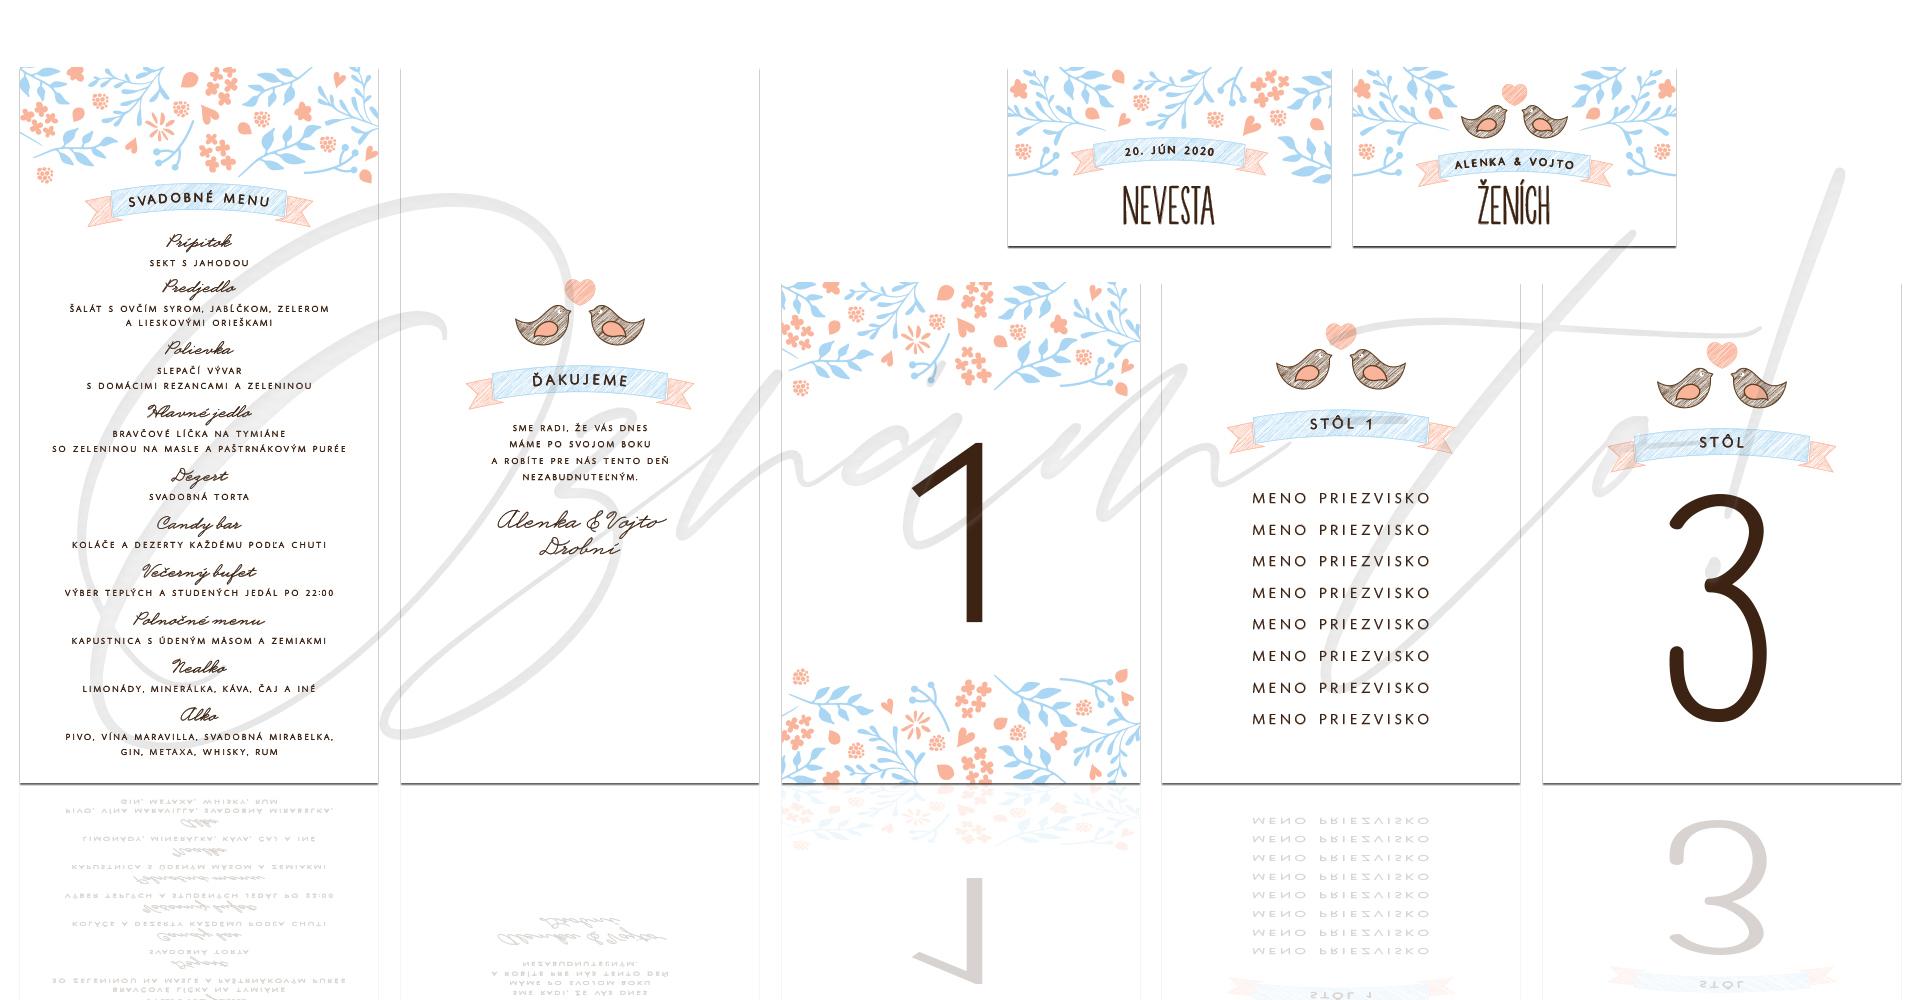 MENU  10 cm x 20 cm obojstranná verzia   ČÍSLOVANIE STOLOV  10 cm x 14 cm jednostranná verzia   ZASADACÍ PORIADOK karta  10 cm x 14 cm   MENOVKA  9 cm x 5 cm jednostranná verzia